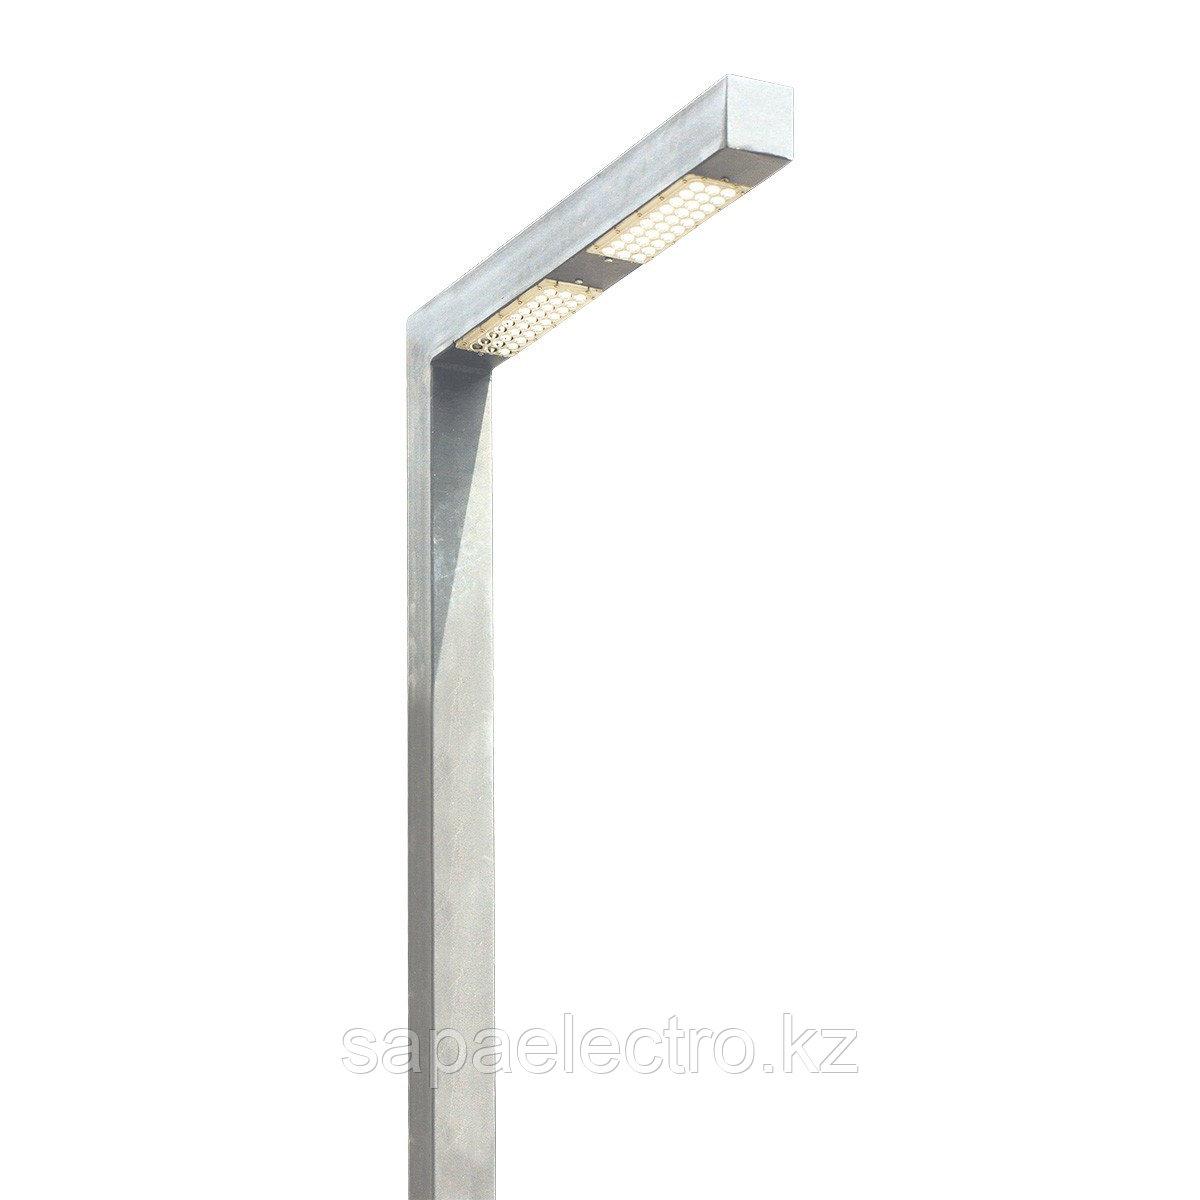 Св-к Профильный LED 60W 80х80 LIGHT GREY H-5м MEGAL